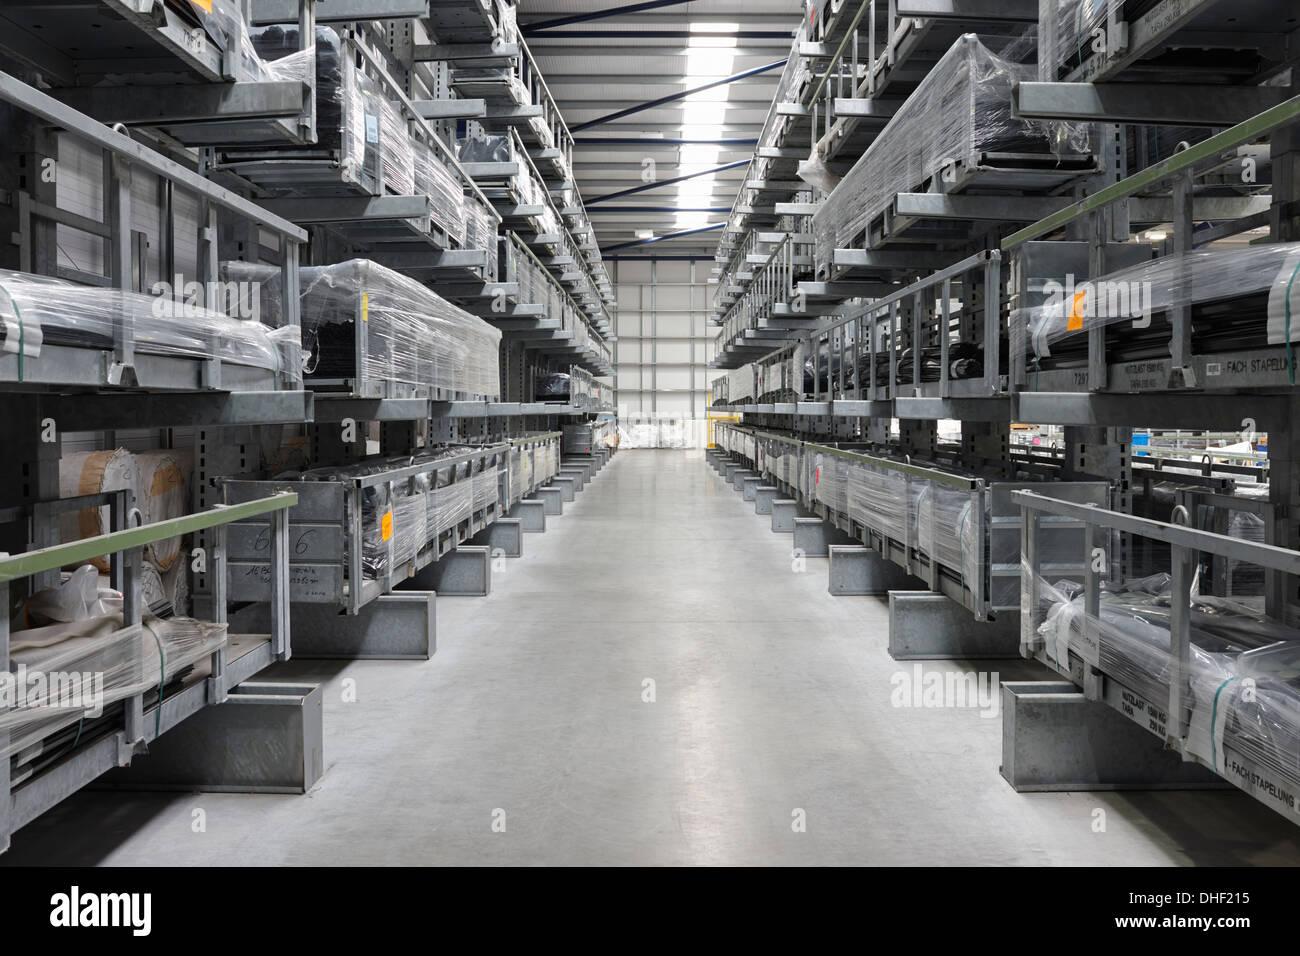 Corridoio di prodotti in magazzino di ingegneria Immagini Stock